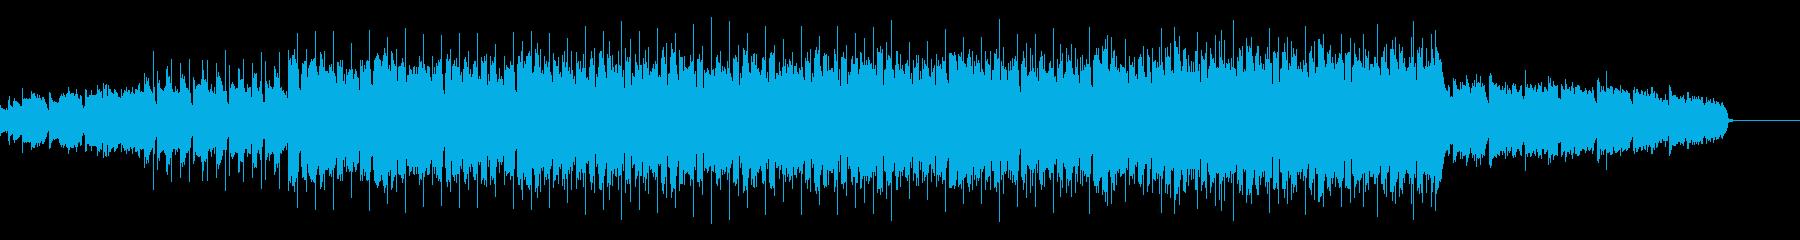 シンセサイザー多めのファンキーハウスの再生済みの波形